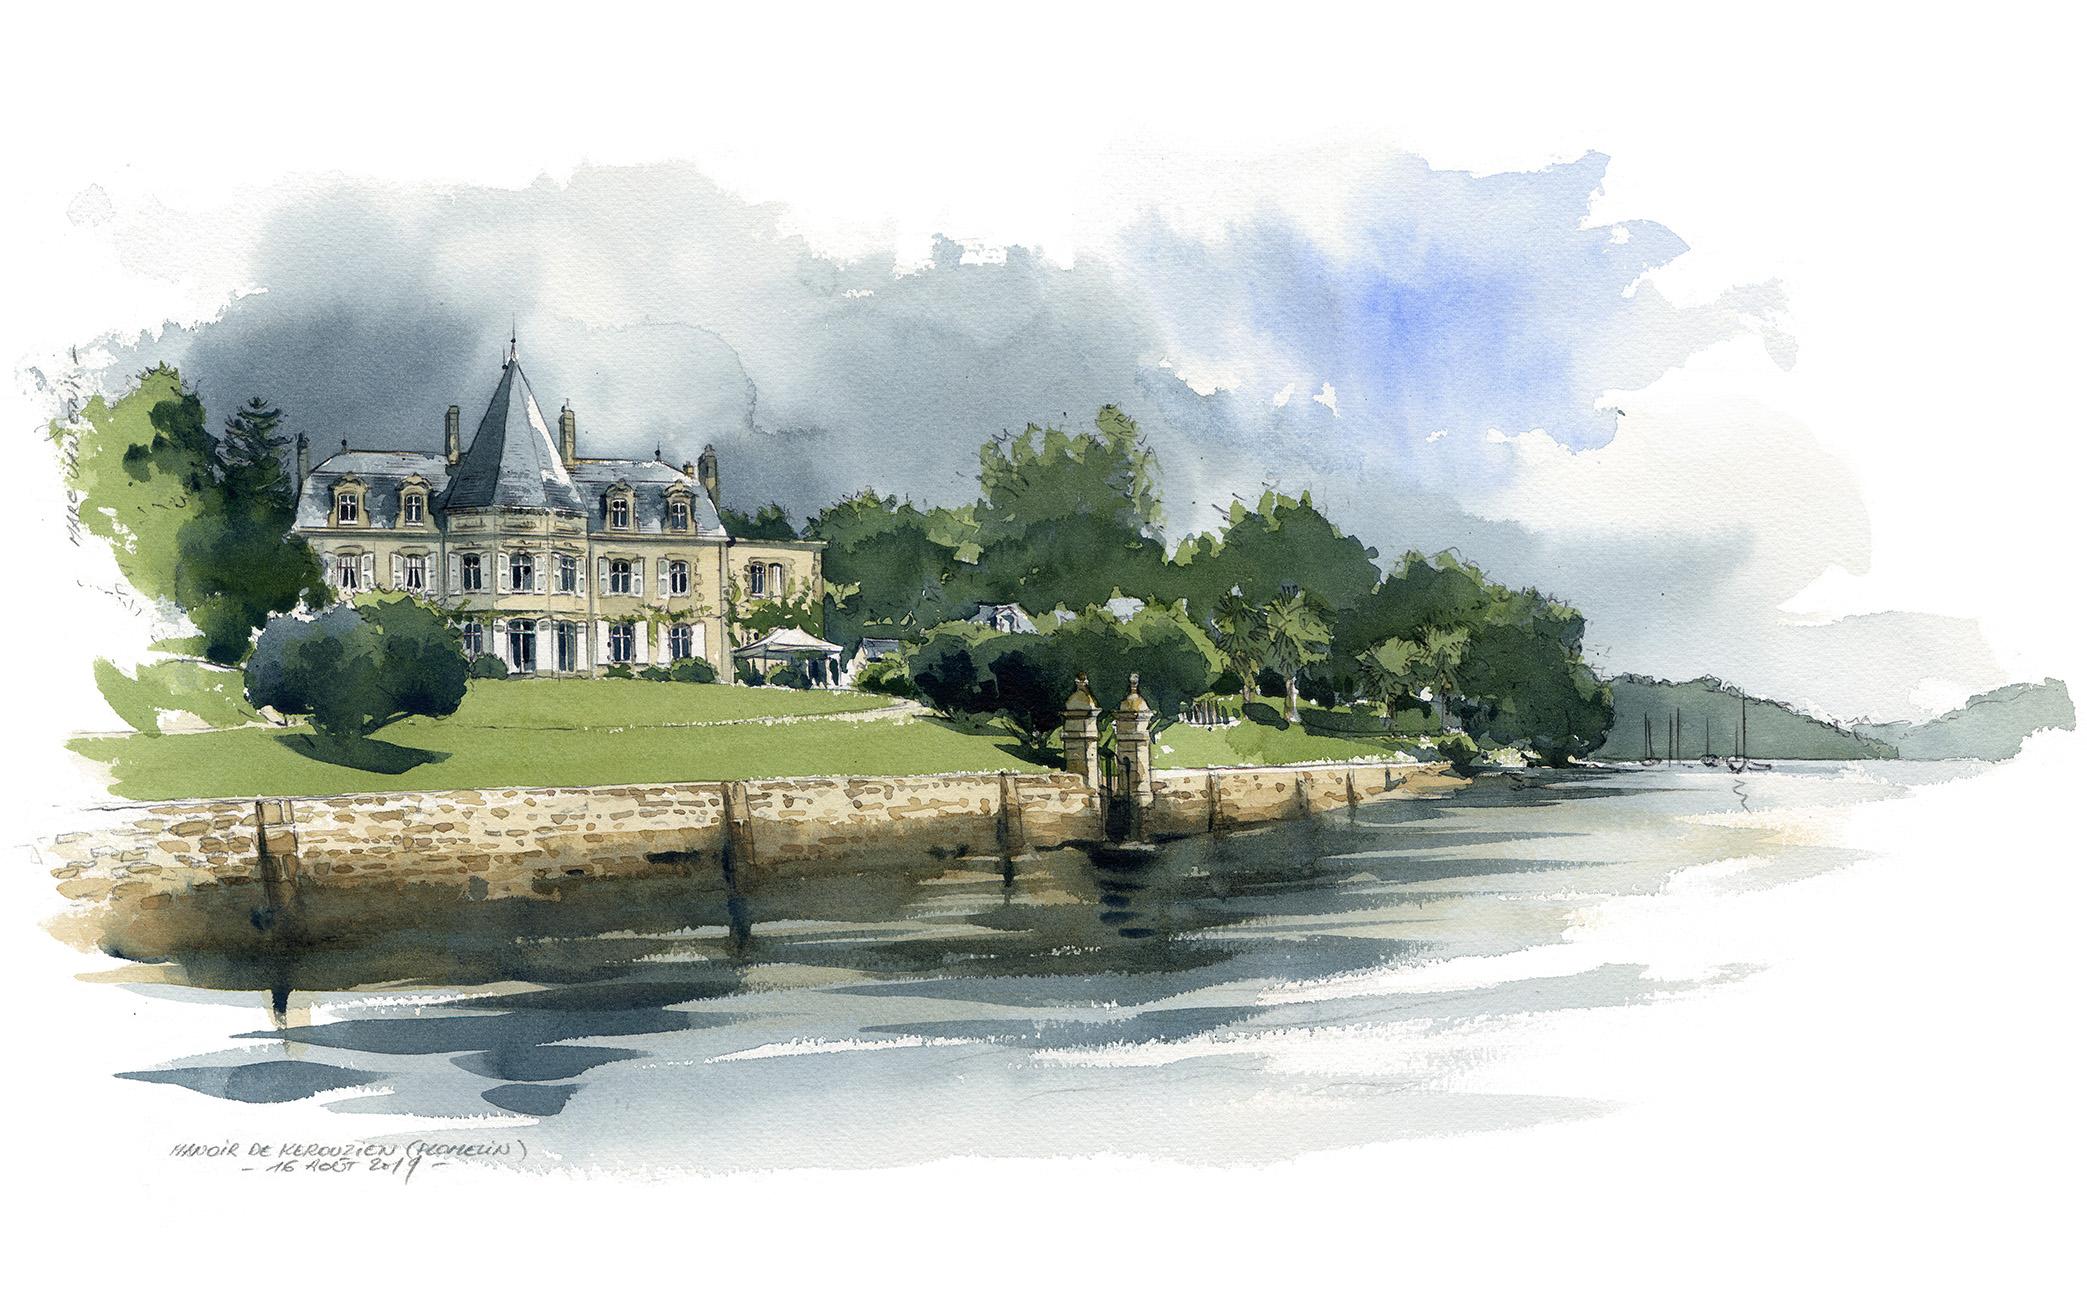 Aquarelle - Le Manoir de KEROUZIEN (Finistère, Bretagne)